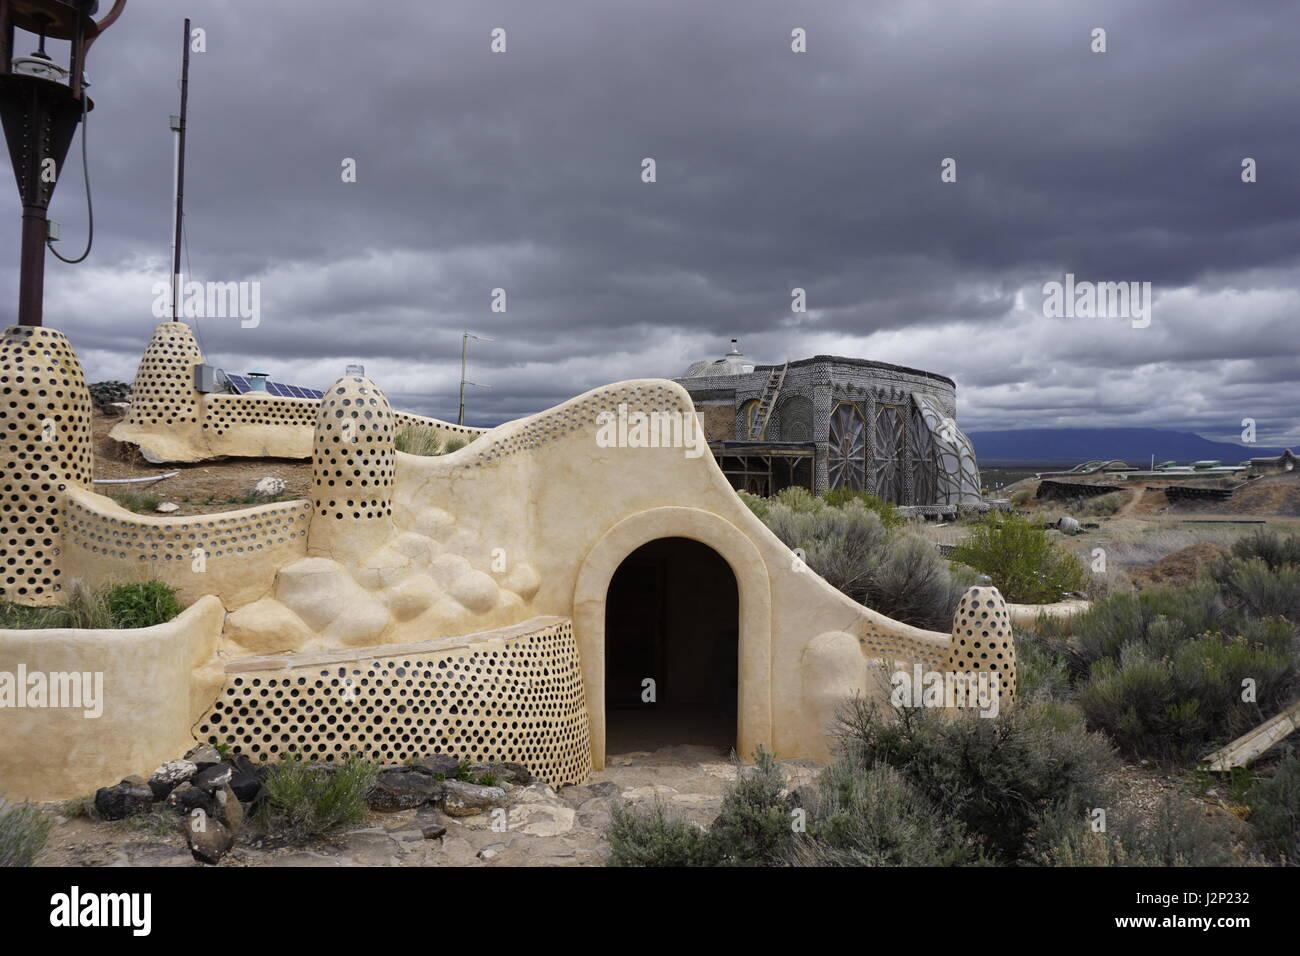 Nubes de tormenta rodar dos últimos off-grid, sostenible earthship Biotecture Earthship estructuras en el centro para visitantes cerca de Taos, Nuevo México, EE.UU.. Foto de stock